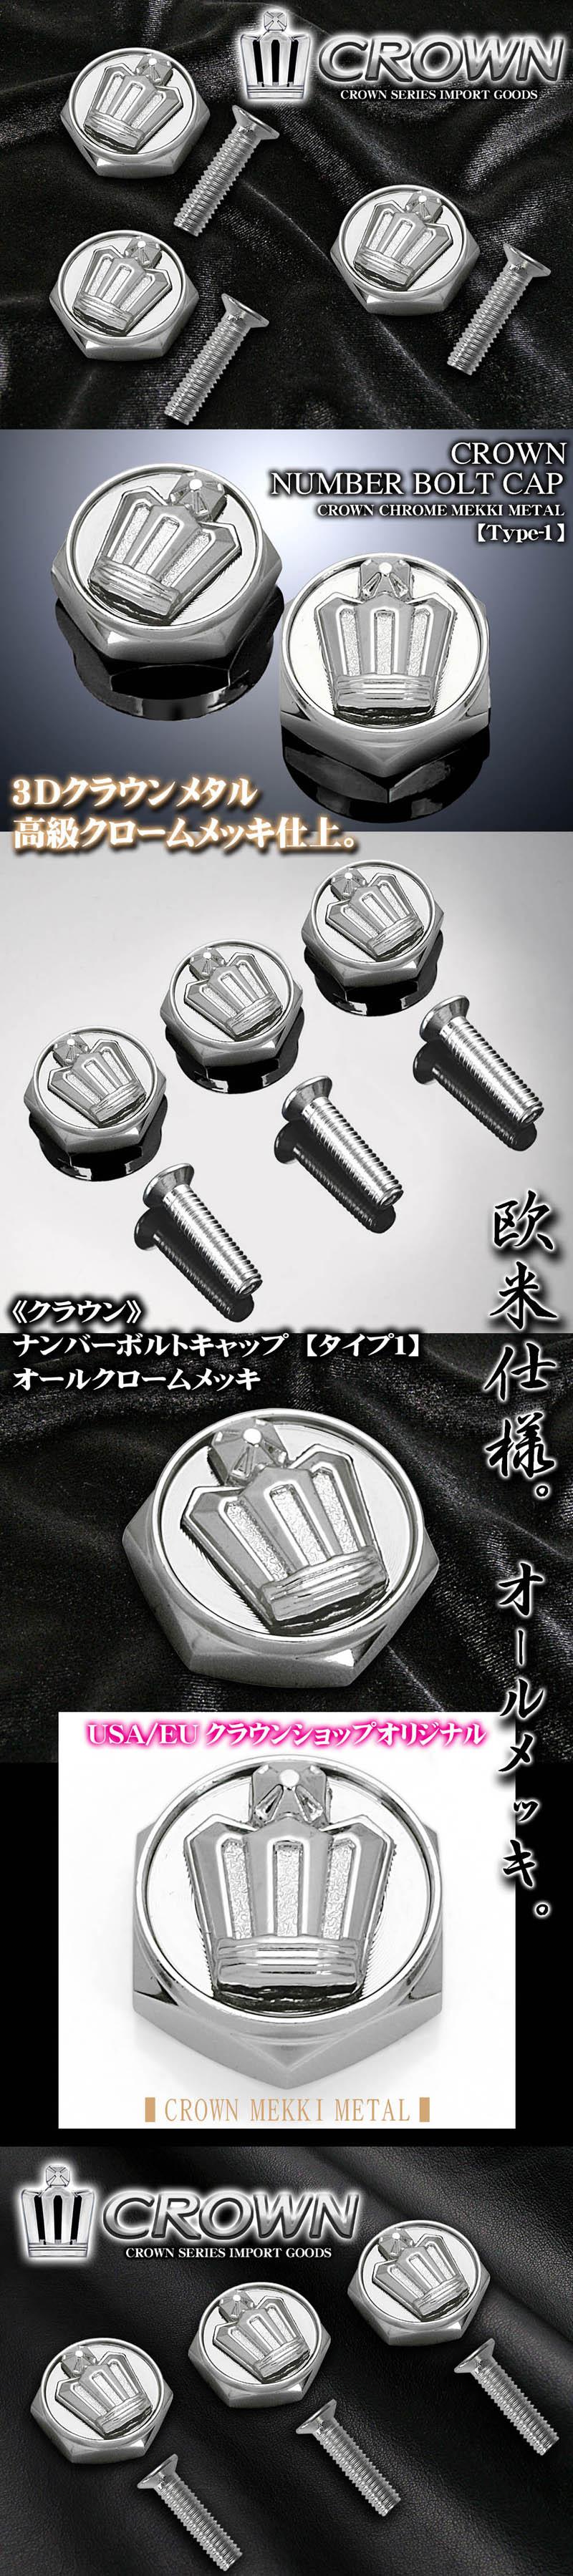 欧米仕様【クラウン/王冠マークメタル付/オールクロームメッキ】ナンバーボルトキャップ《タイプ1》3個セット[汎用品]ブラガ